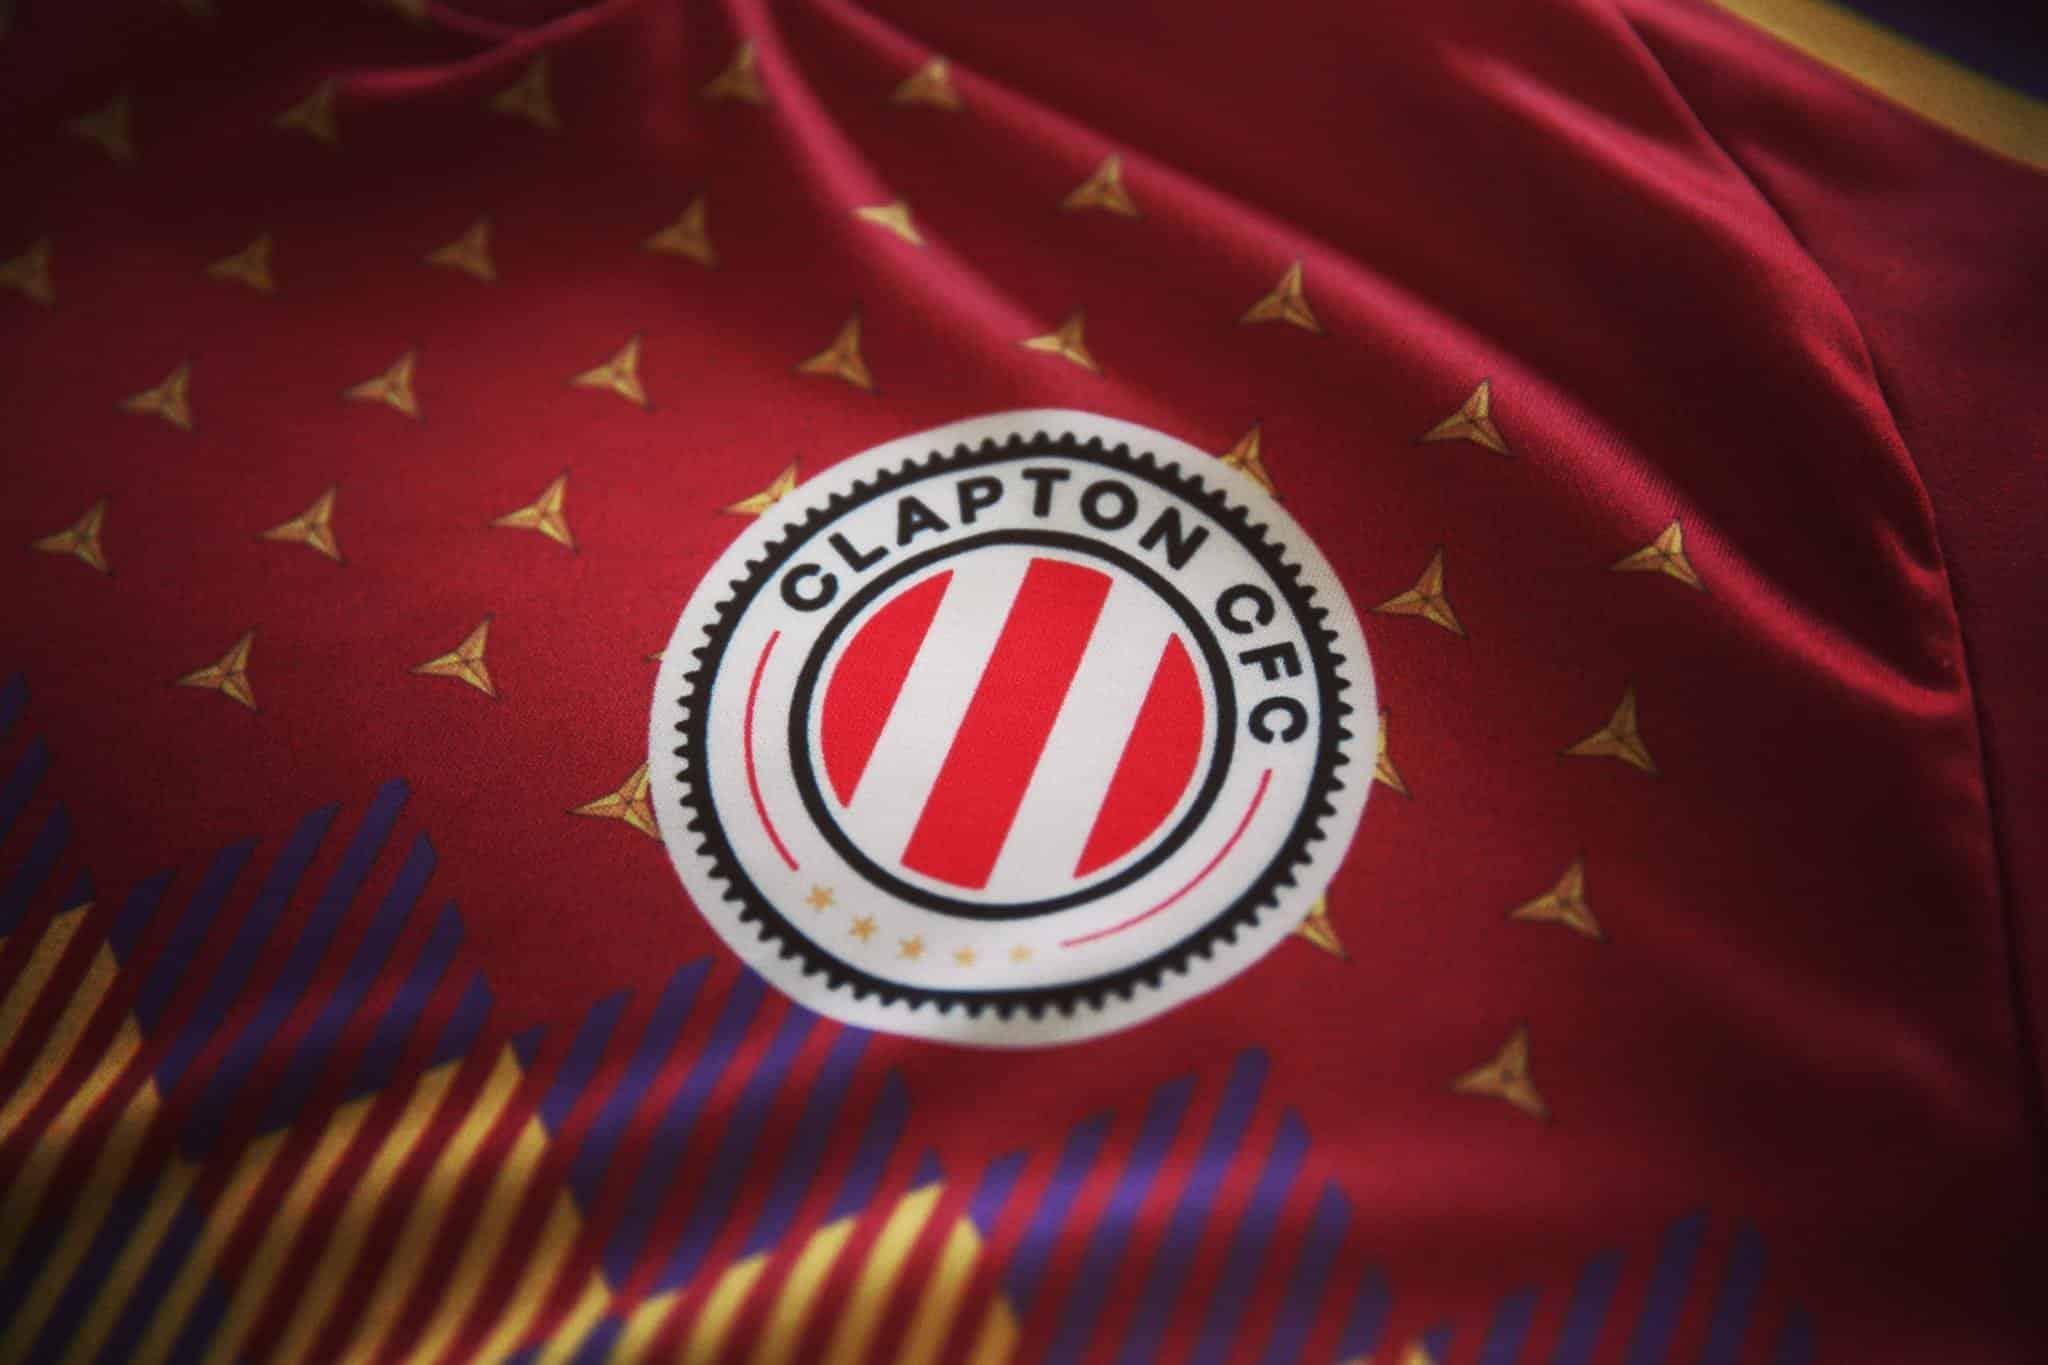 maillot-clapton-cfc-exterieur-2018-2019-logo